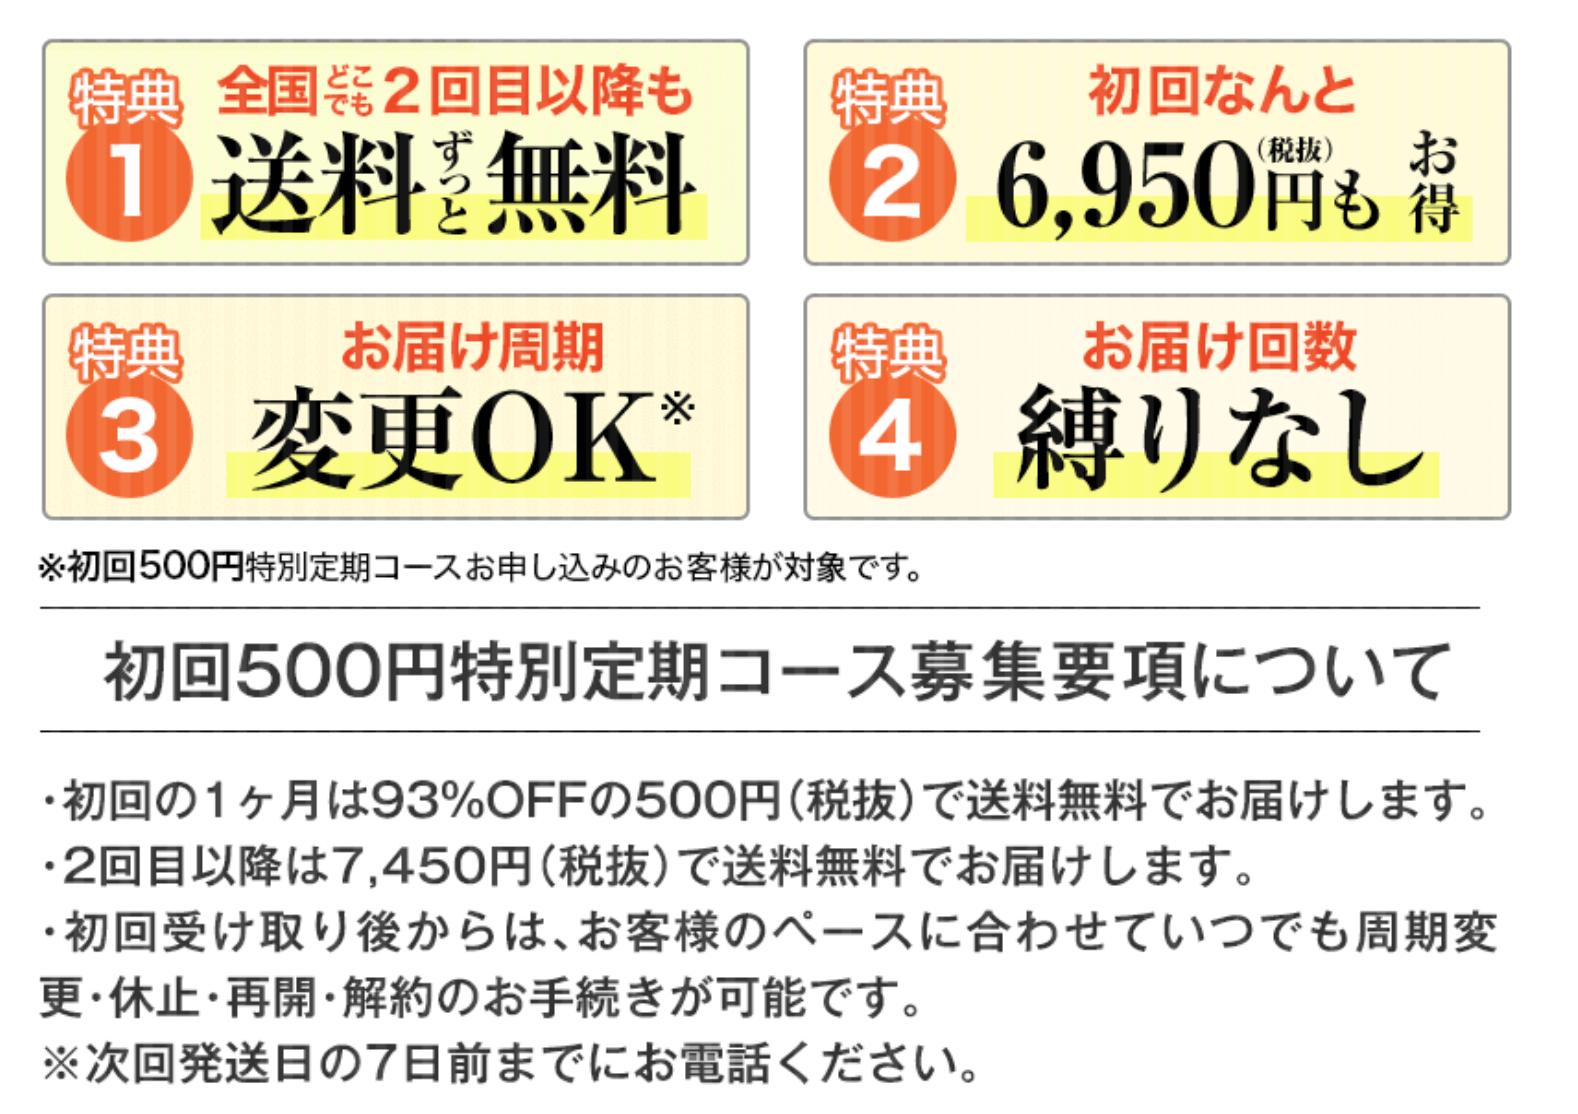 kurojiru公式サイトのキャプチャ画像